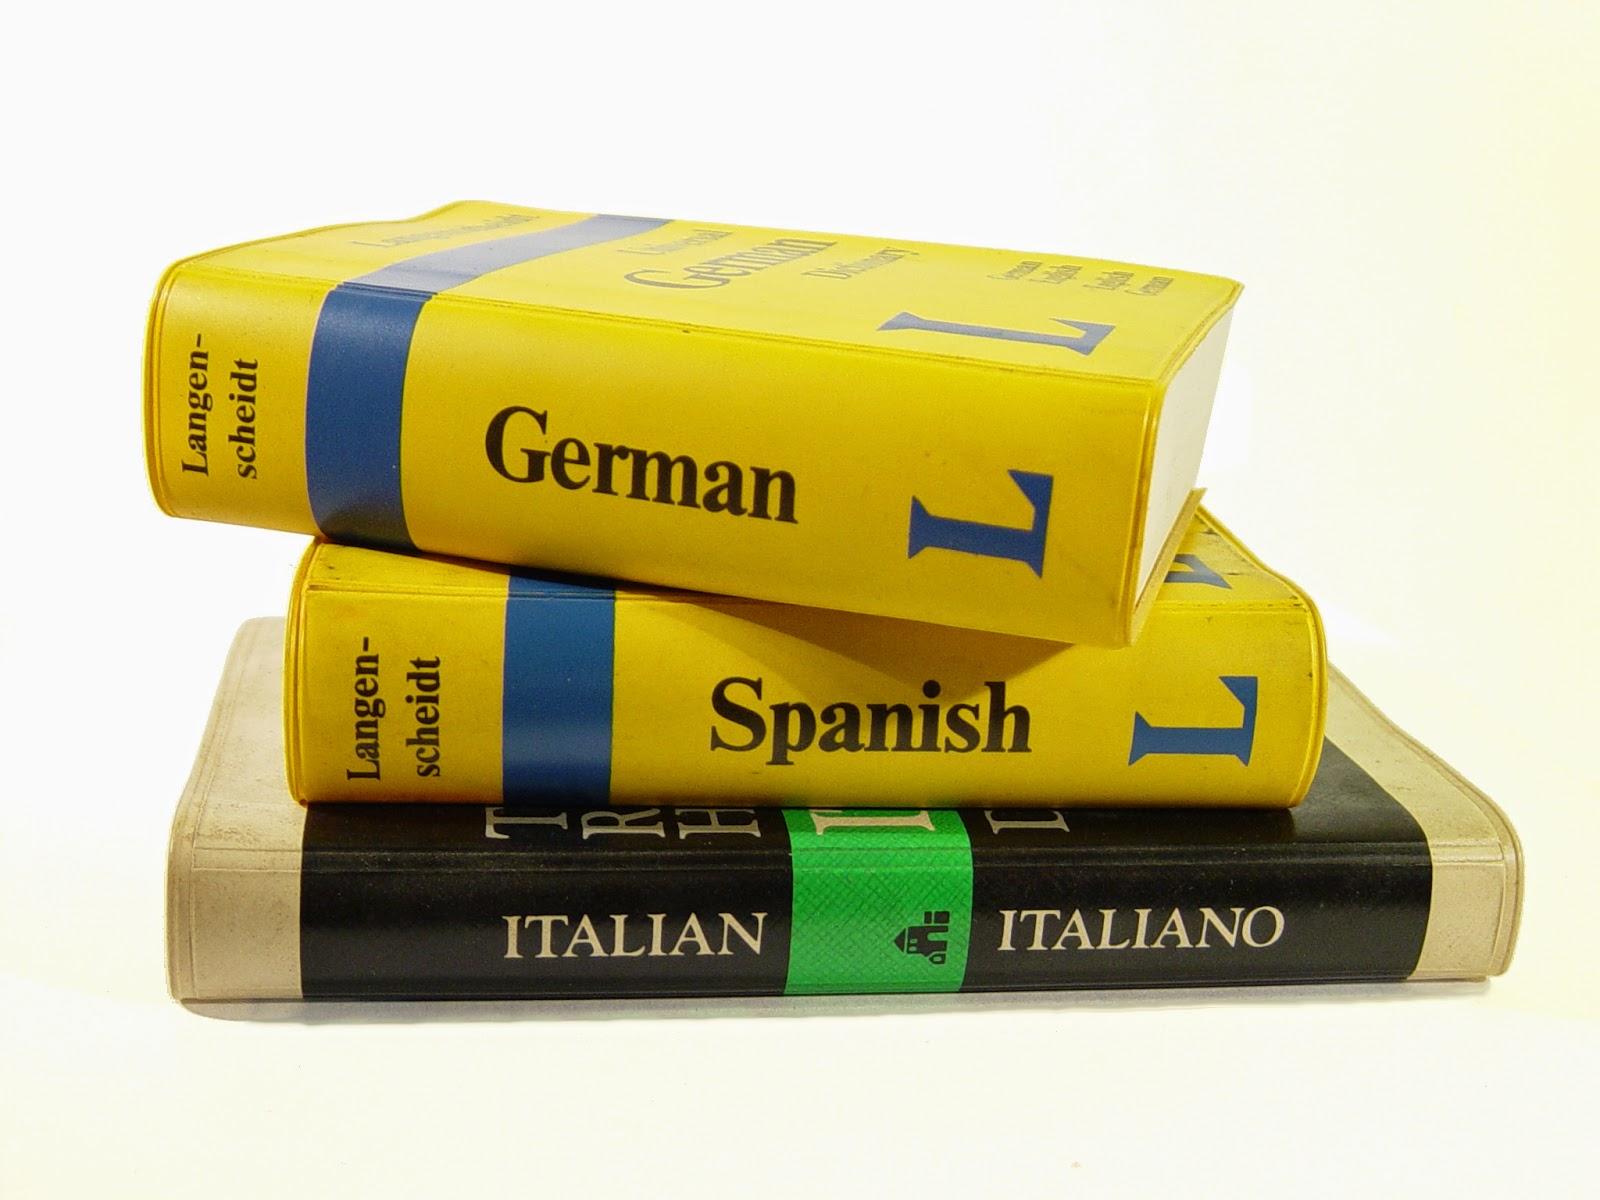 Rozważając tworzenie obcojęzycznej wersji magazynu firmowego należy wziąć pod uwagę przede wszystkim jego odbiorców.